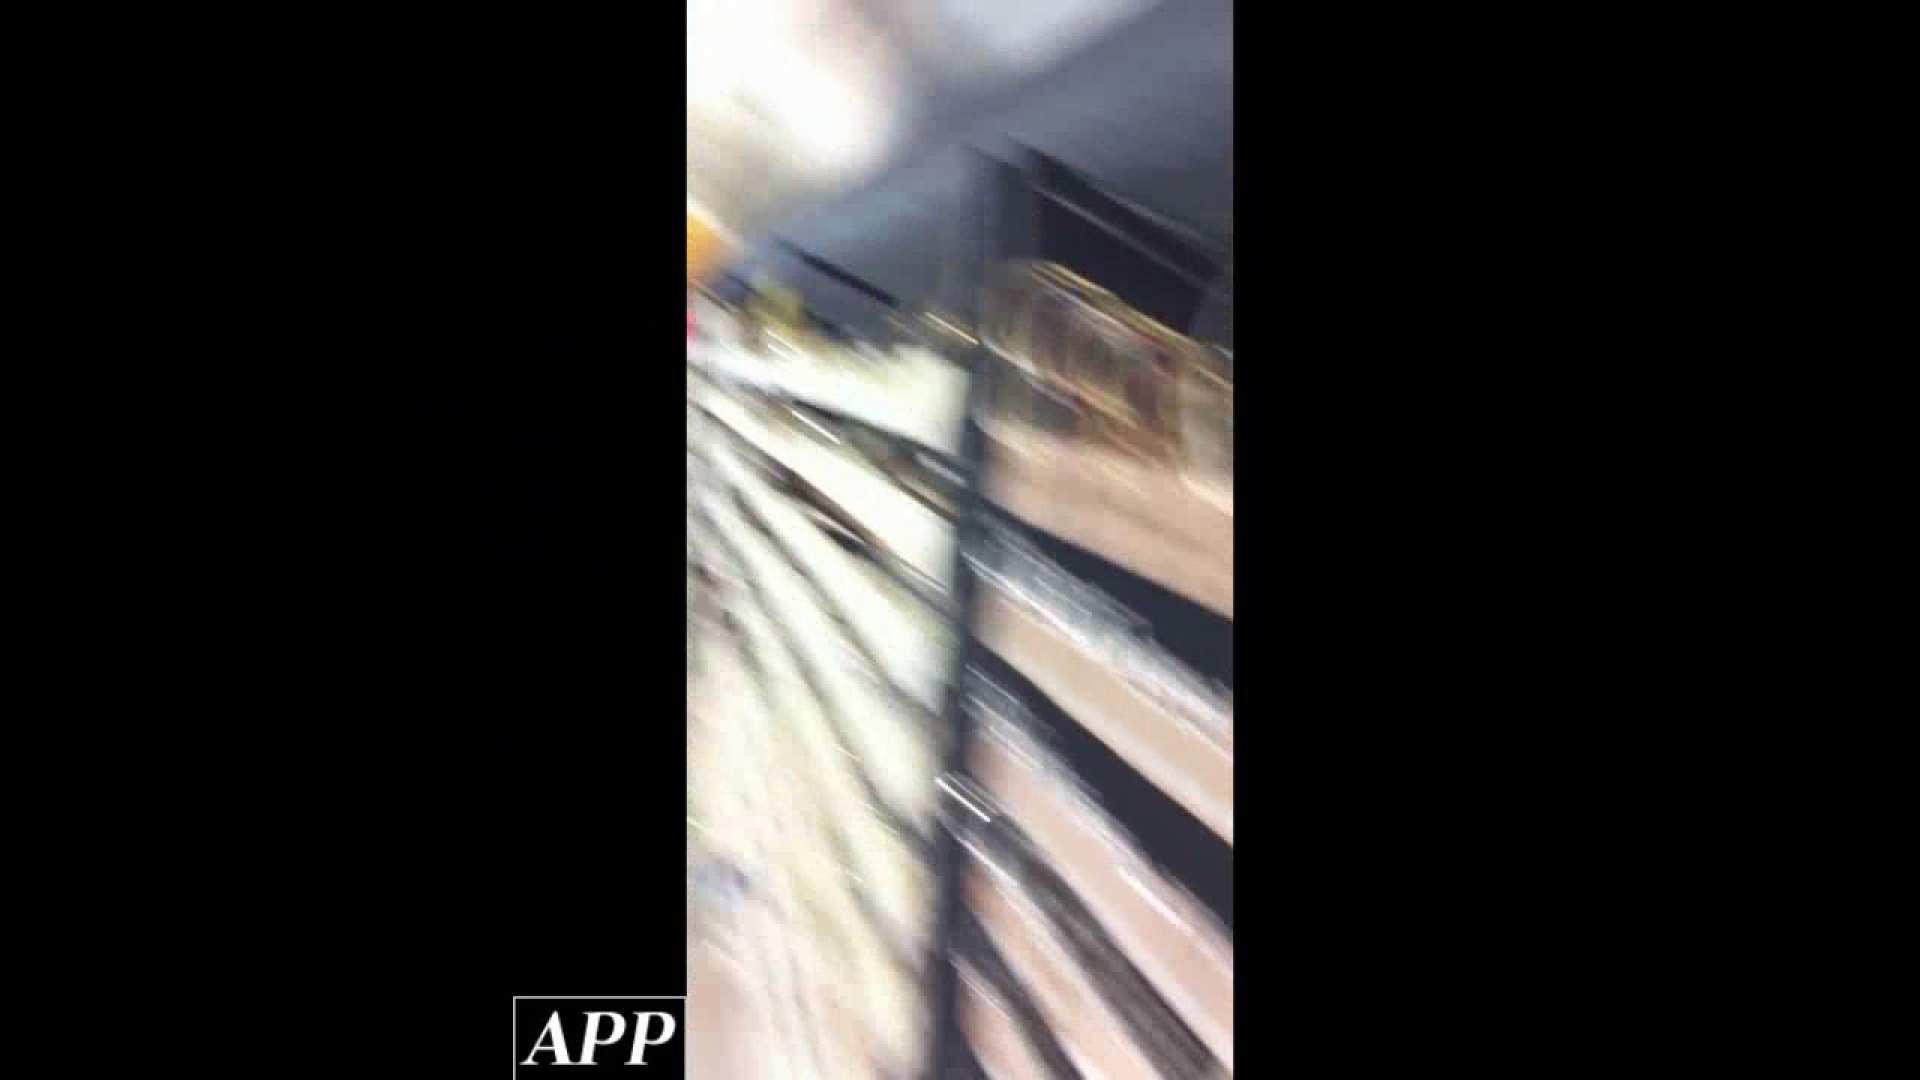 ハイビジョン盗撮!ショップ店員千人斬り!胸チラ編 vol.92 胸チラ | 盗撮  86連発 31